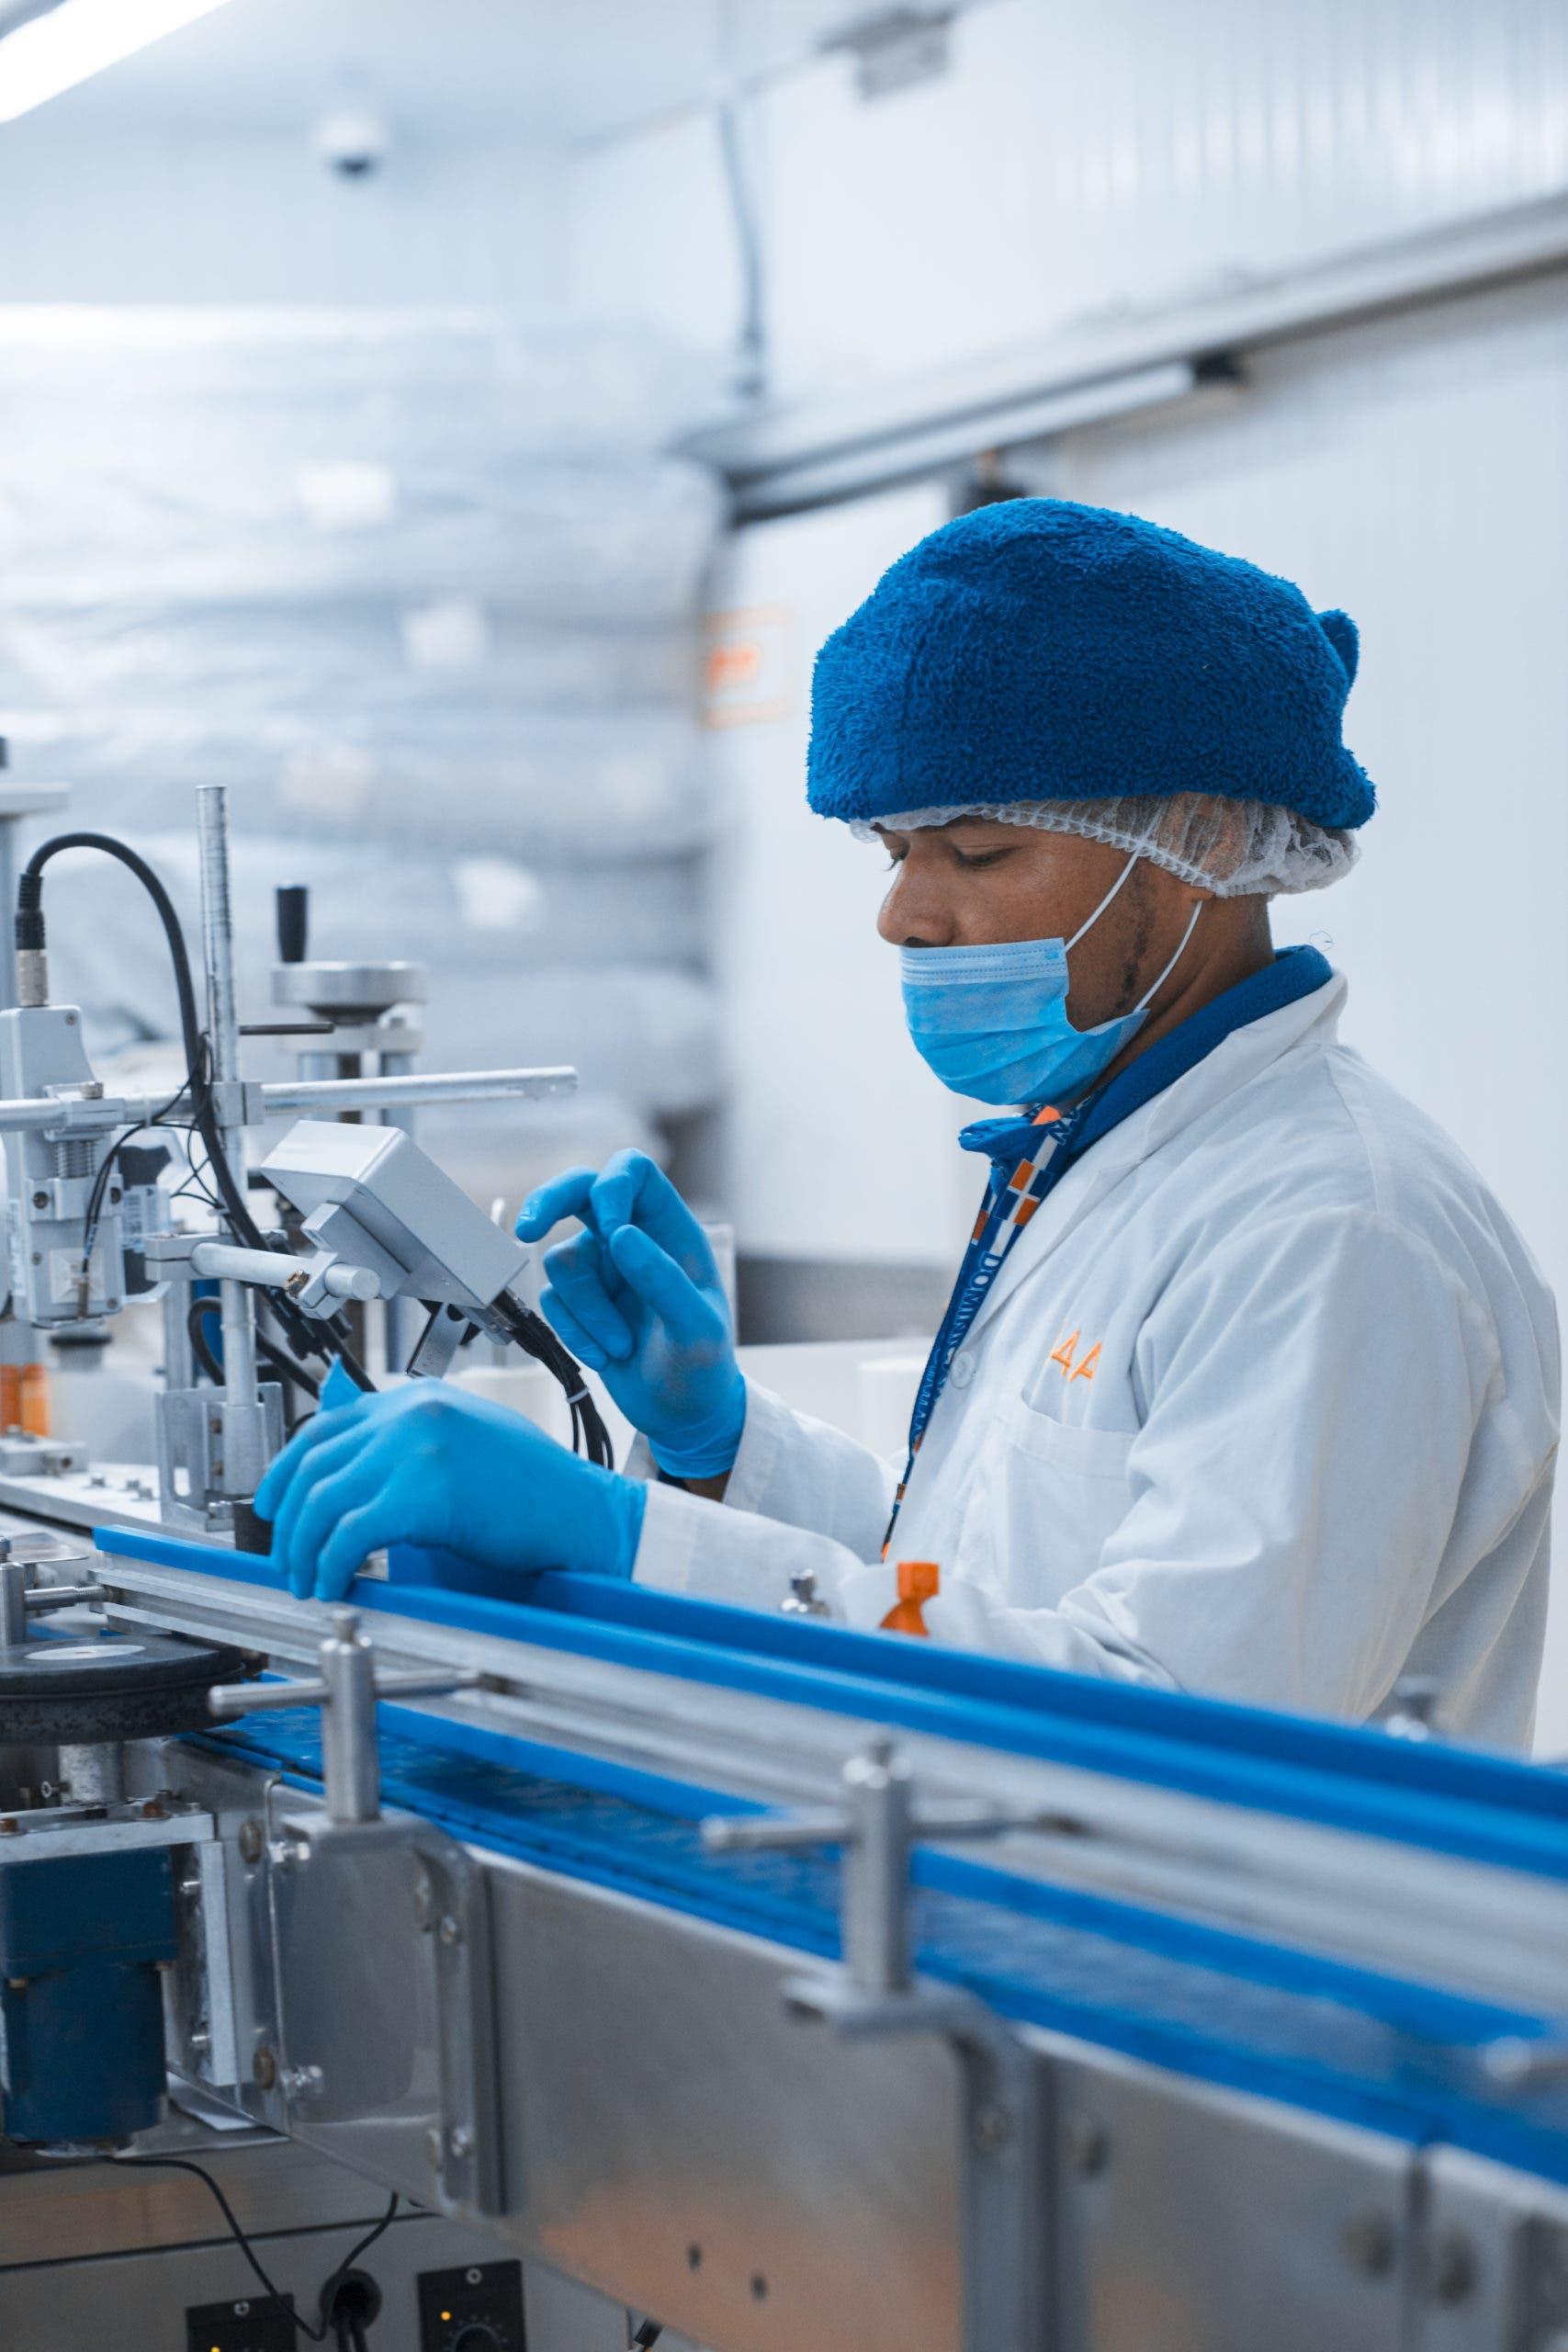 Empresa dominicana busca ayuda para producir jugos cold press en el país